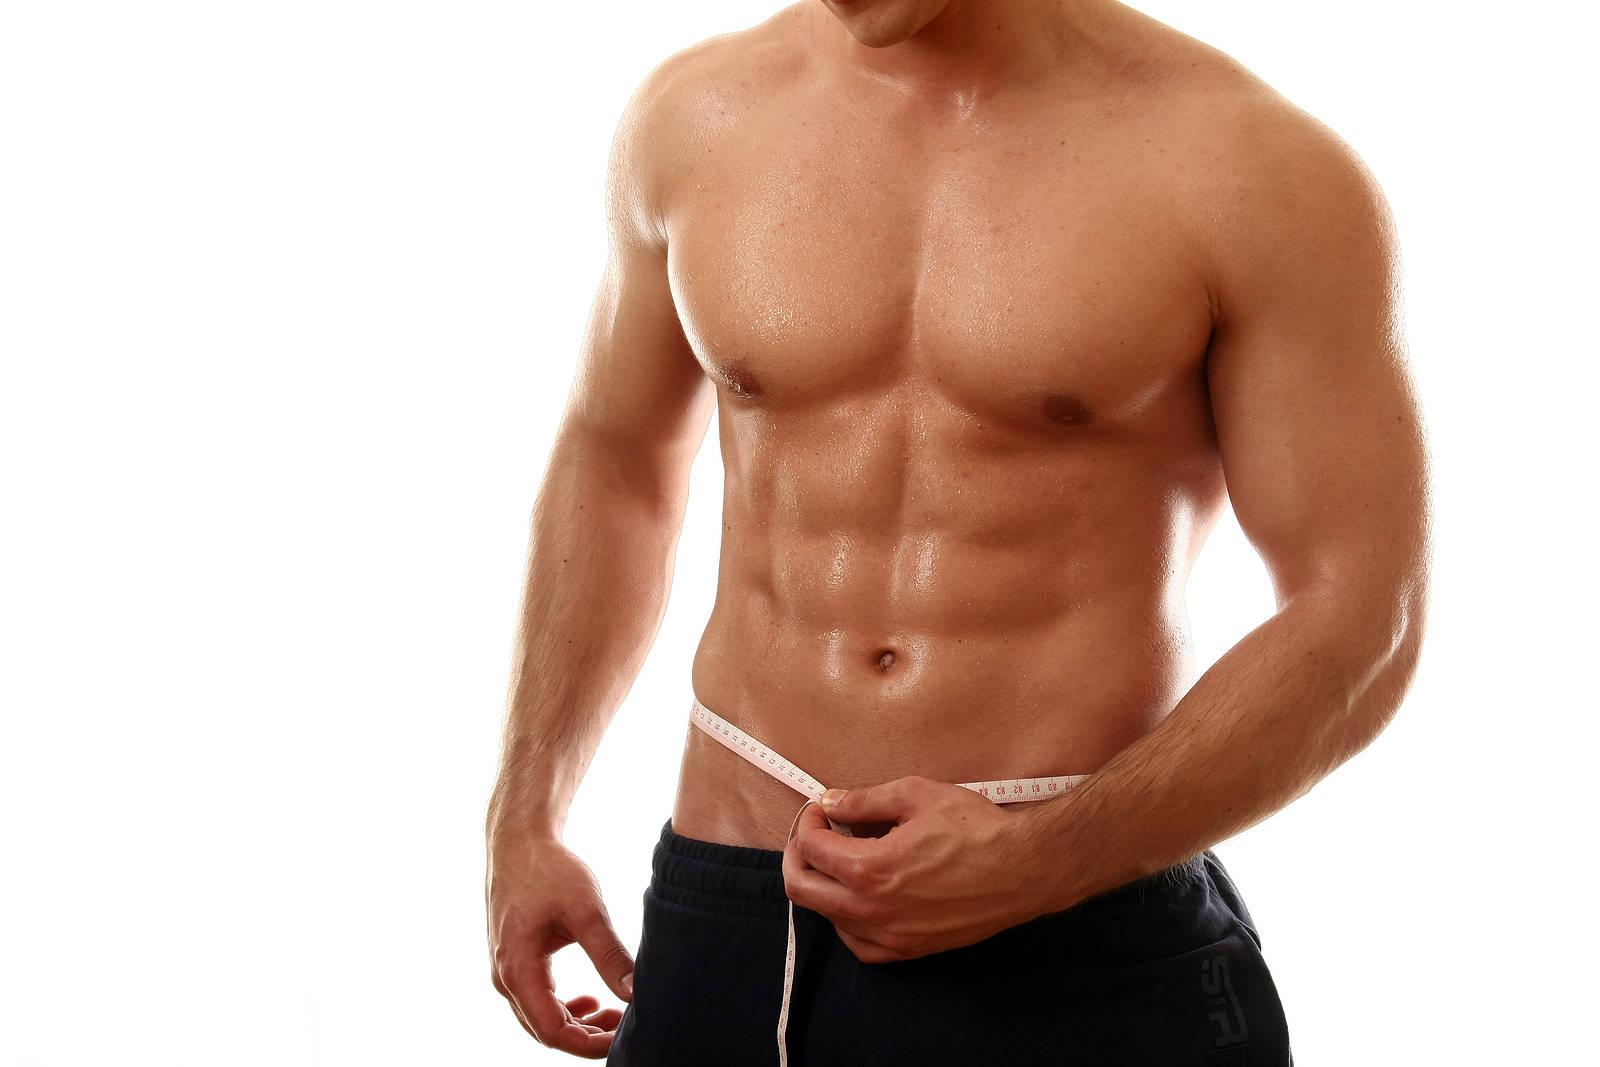 Упражнения для пресса или как убрать живот при мужской диете